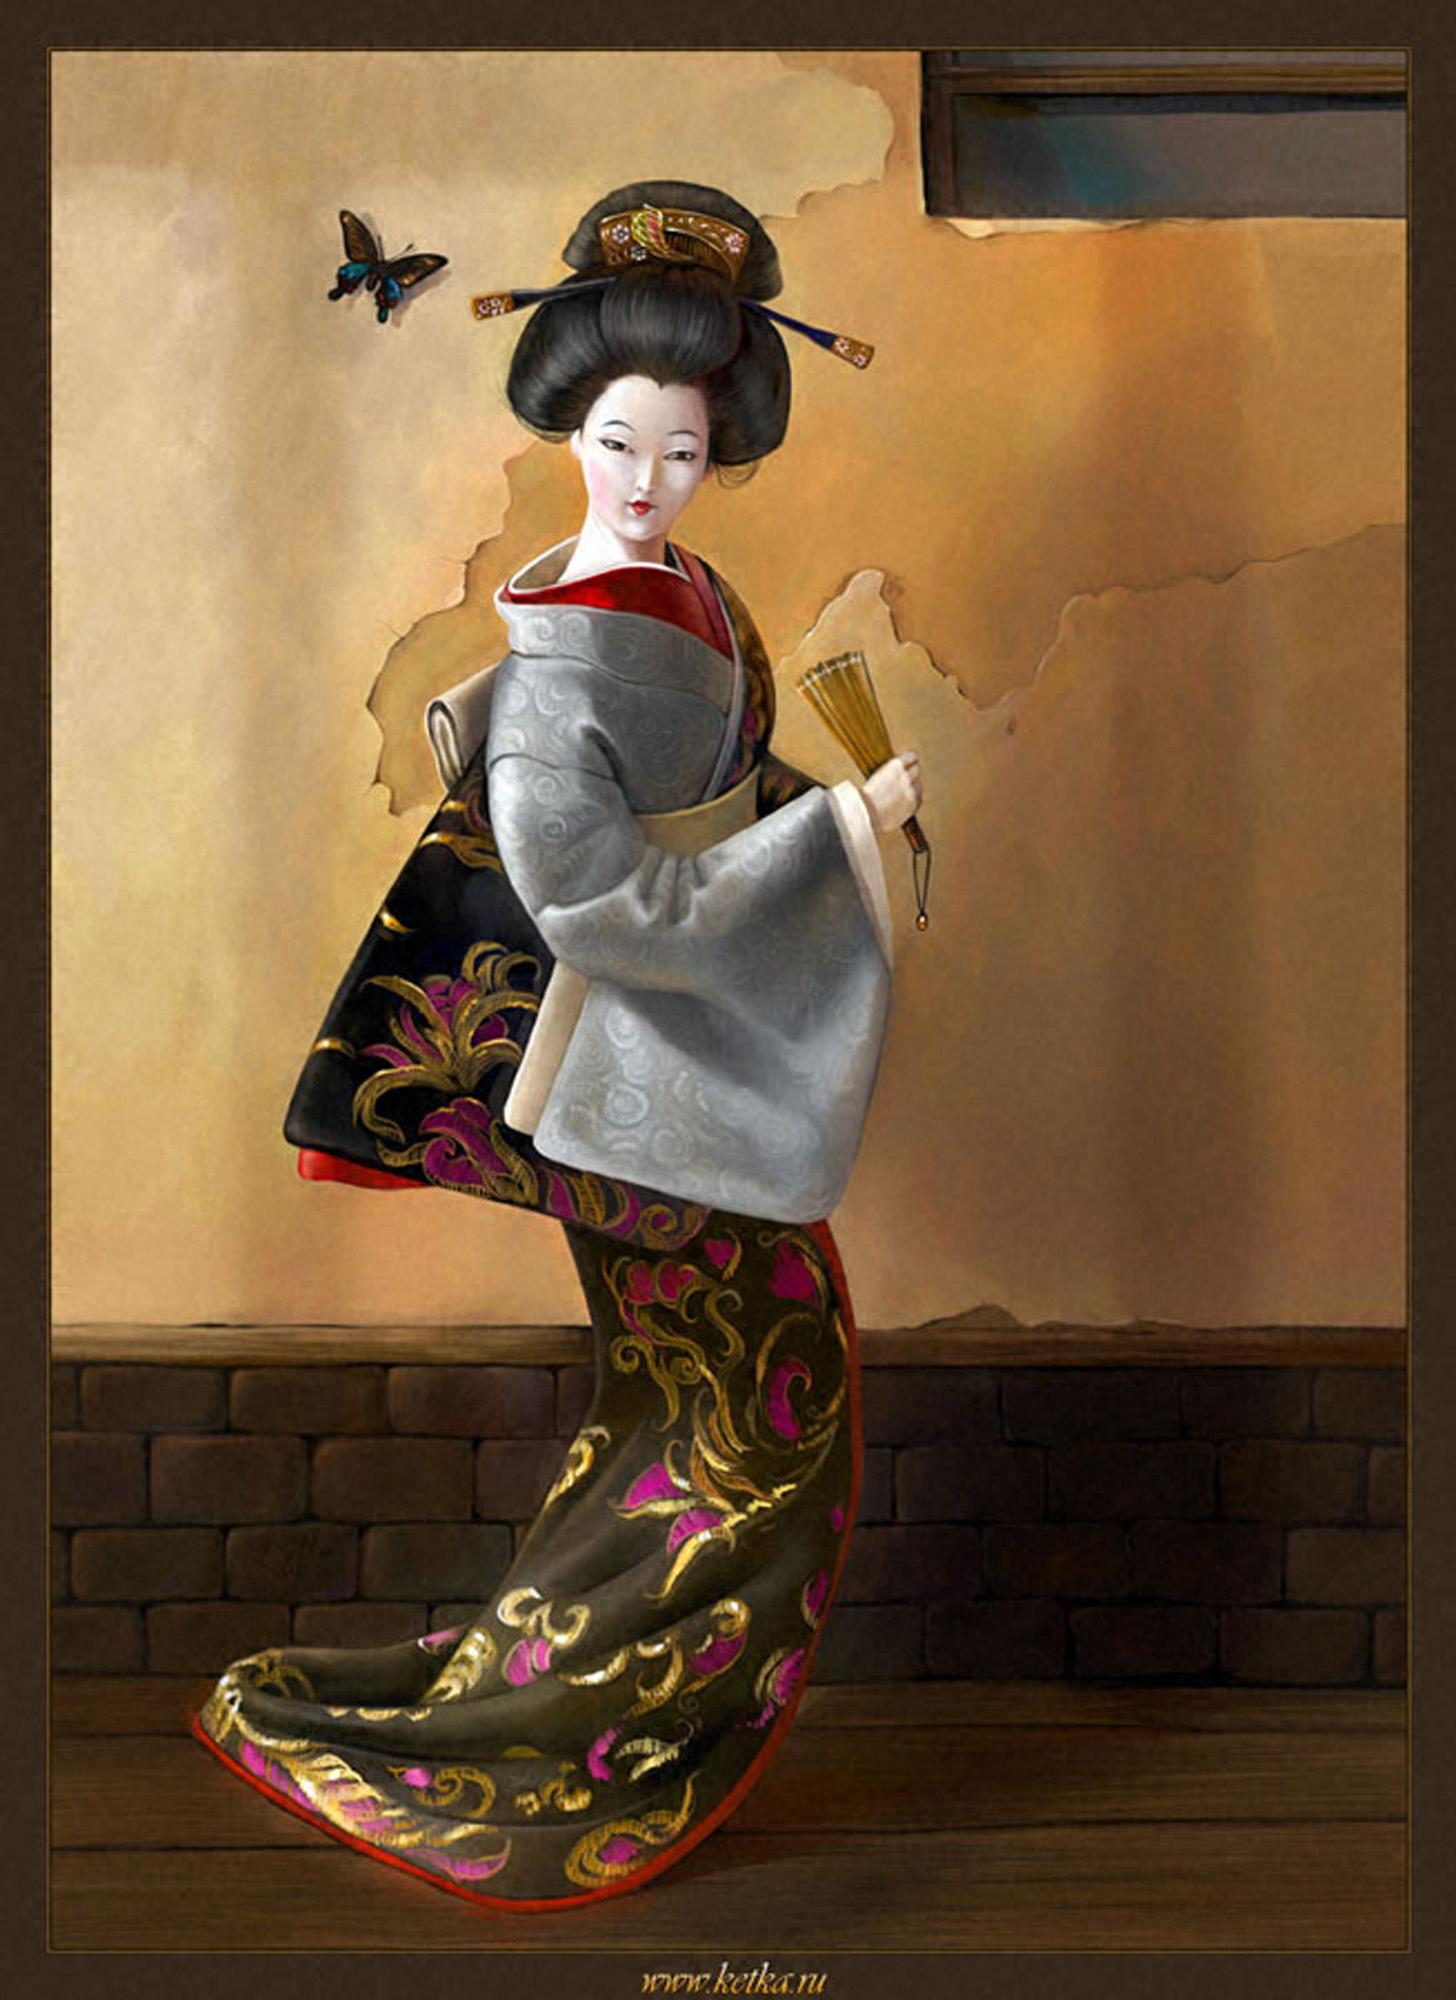 Танцующая японка фото 22 фотография